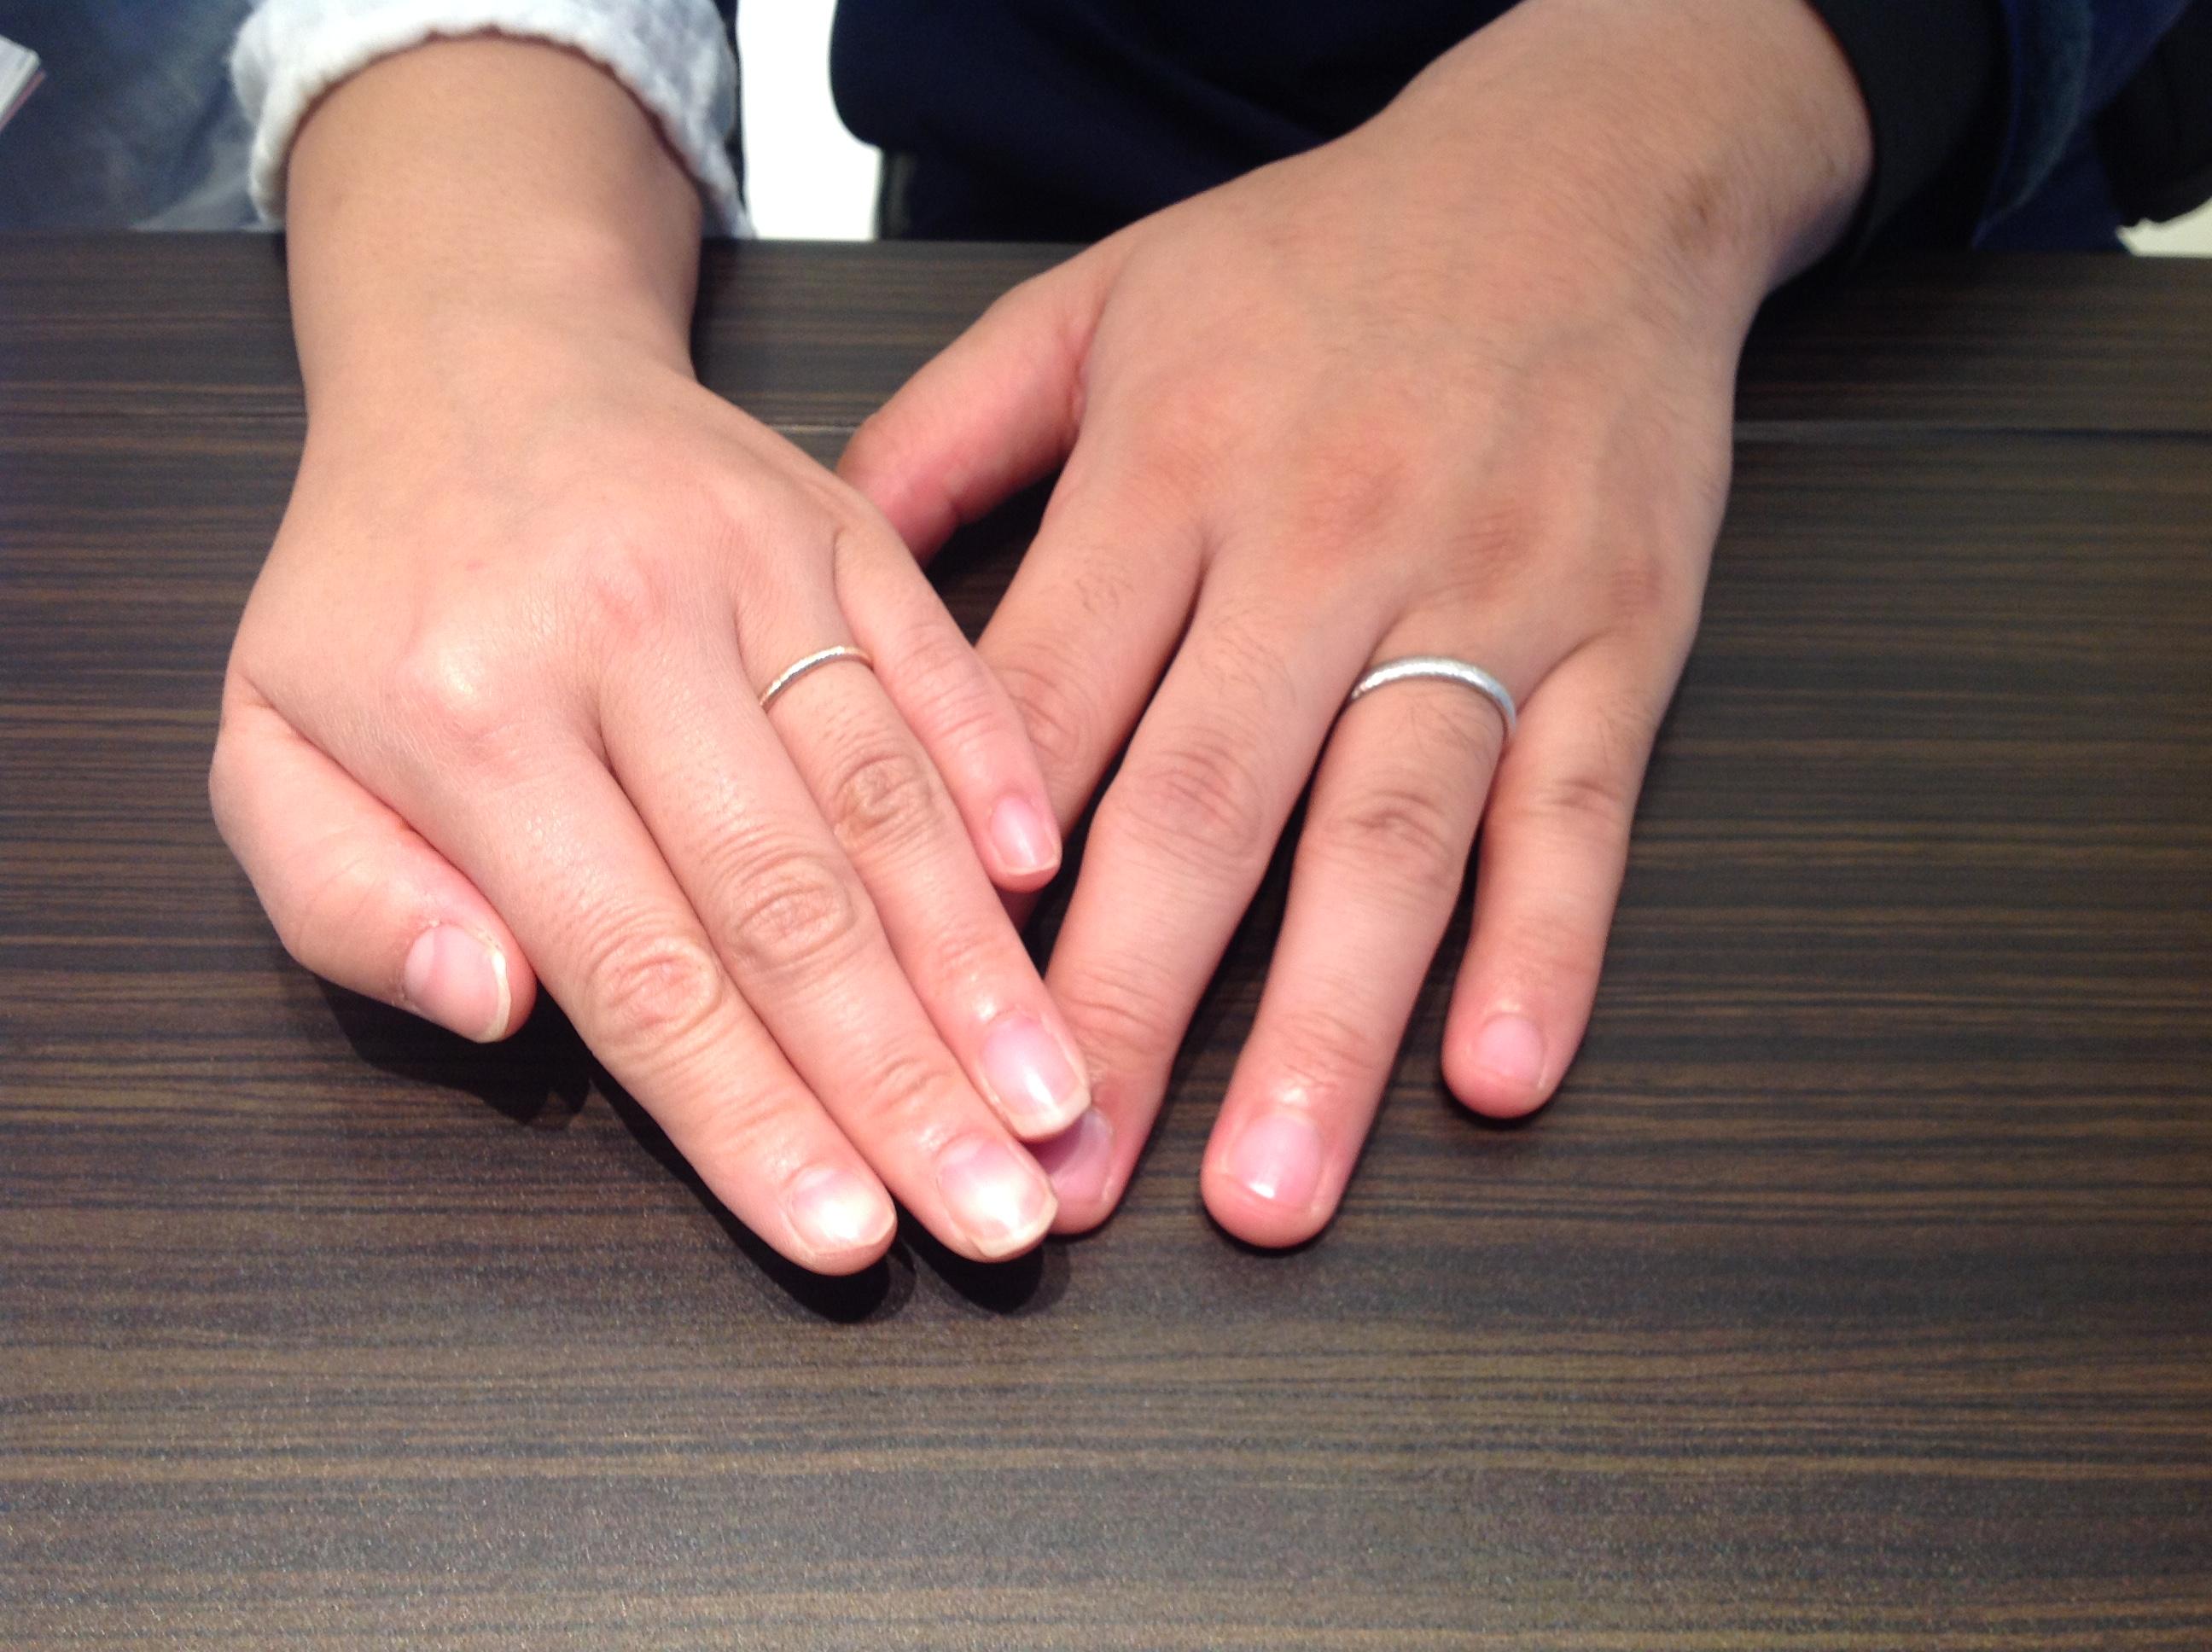 PAVEO CHOCOLAT(パヴェオショコラ)の結婚指輪をお作り頂きました。